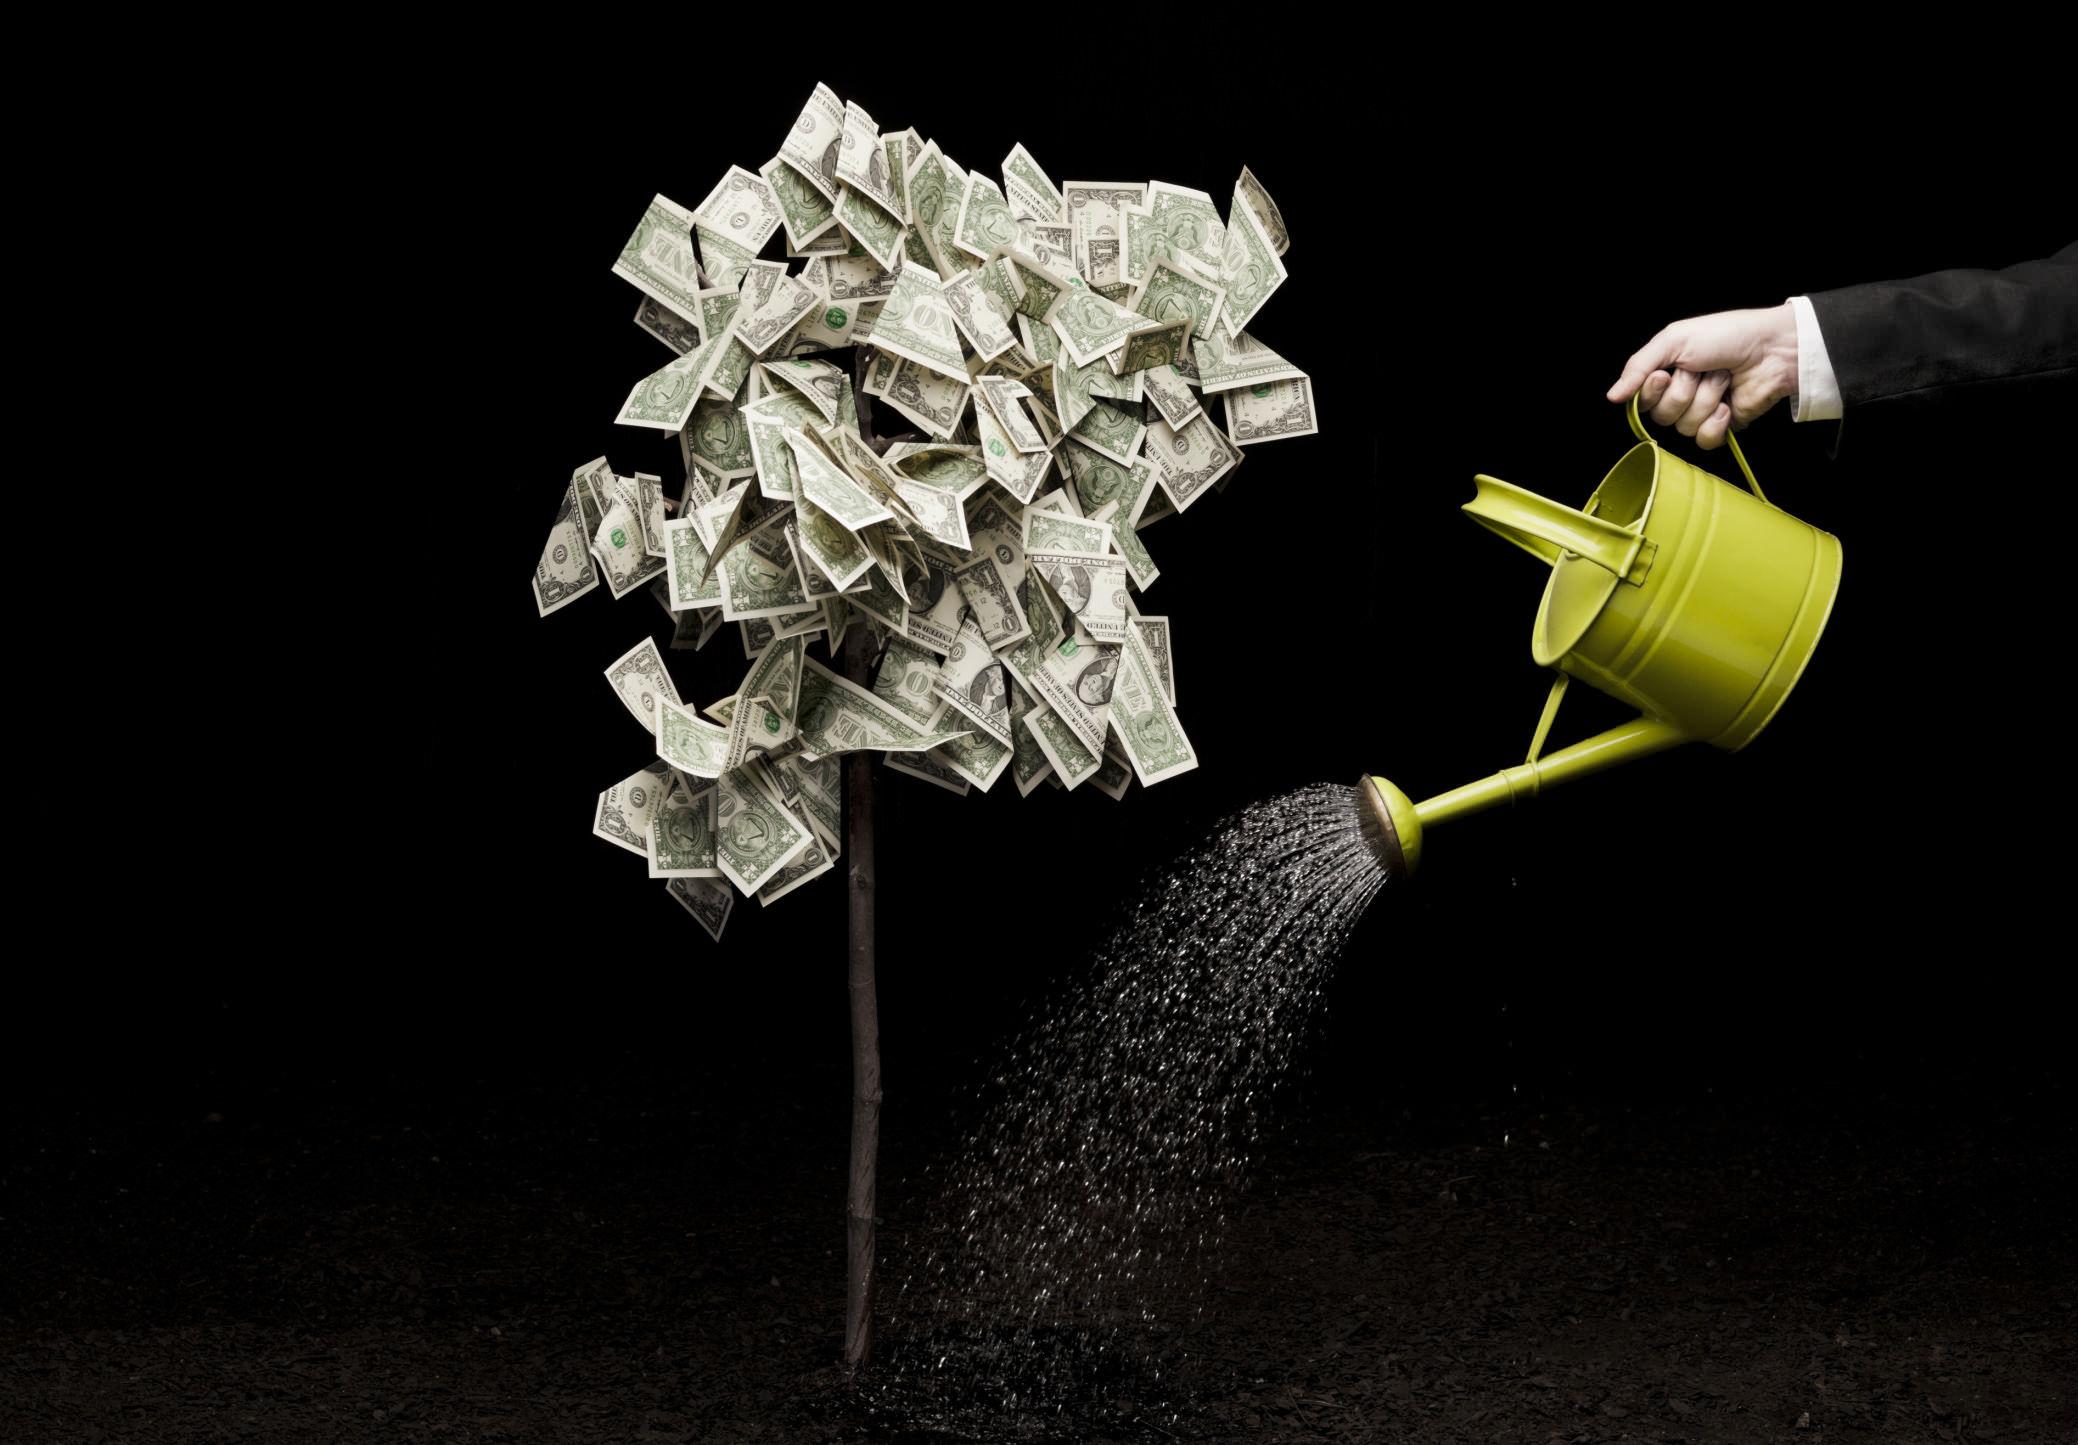 Лучшие краткосрочные инвестиции для ваших денег